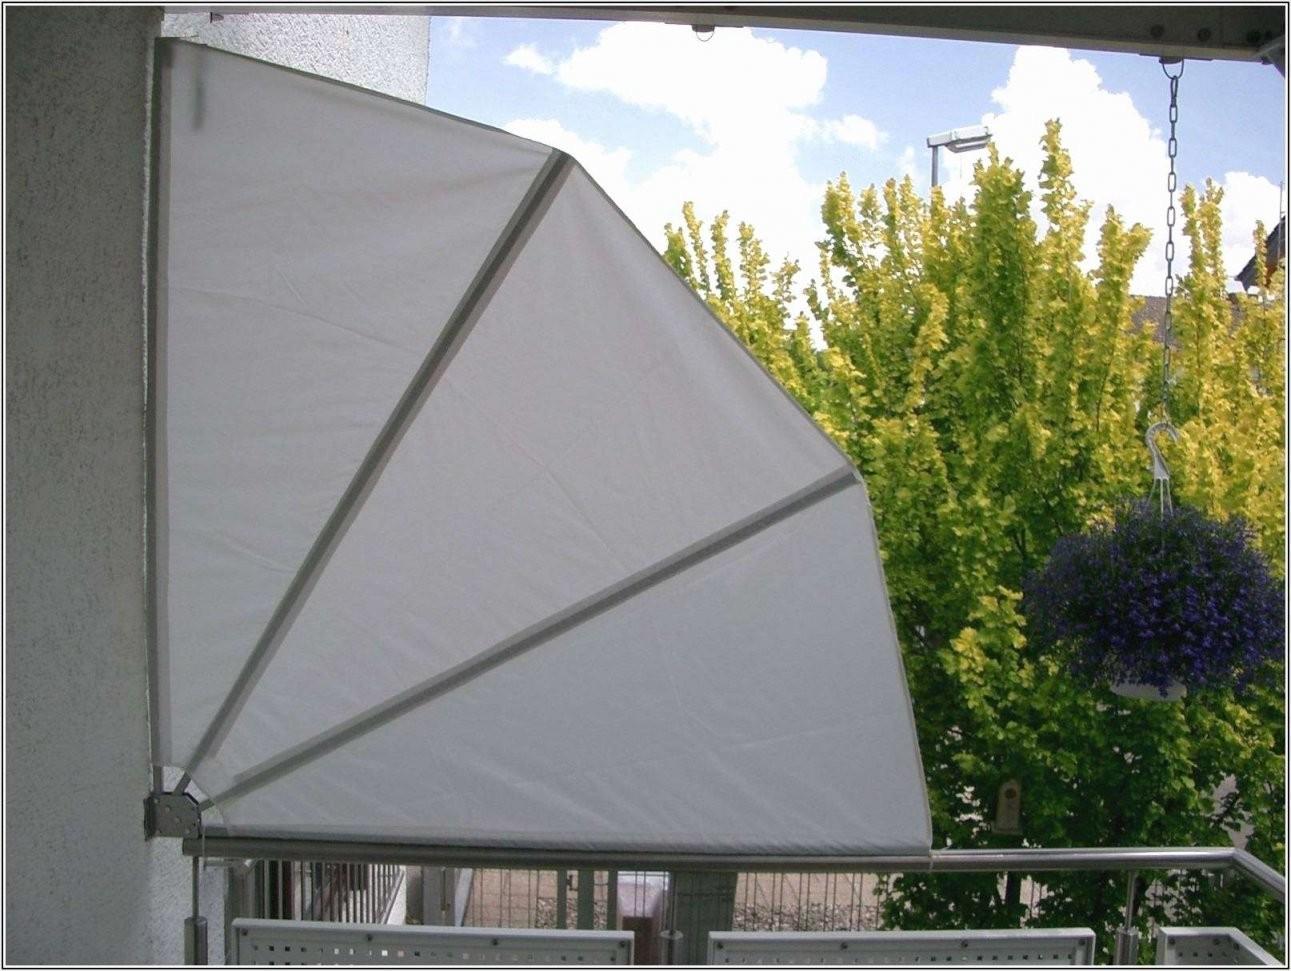 49 Schön Bilder Von Balkon Sichtschutz Ohne Bohren Designideen Von von Balkon Sichtschutz Ohne Bohren Bild